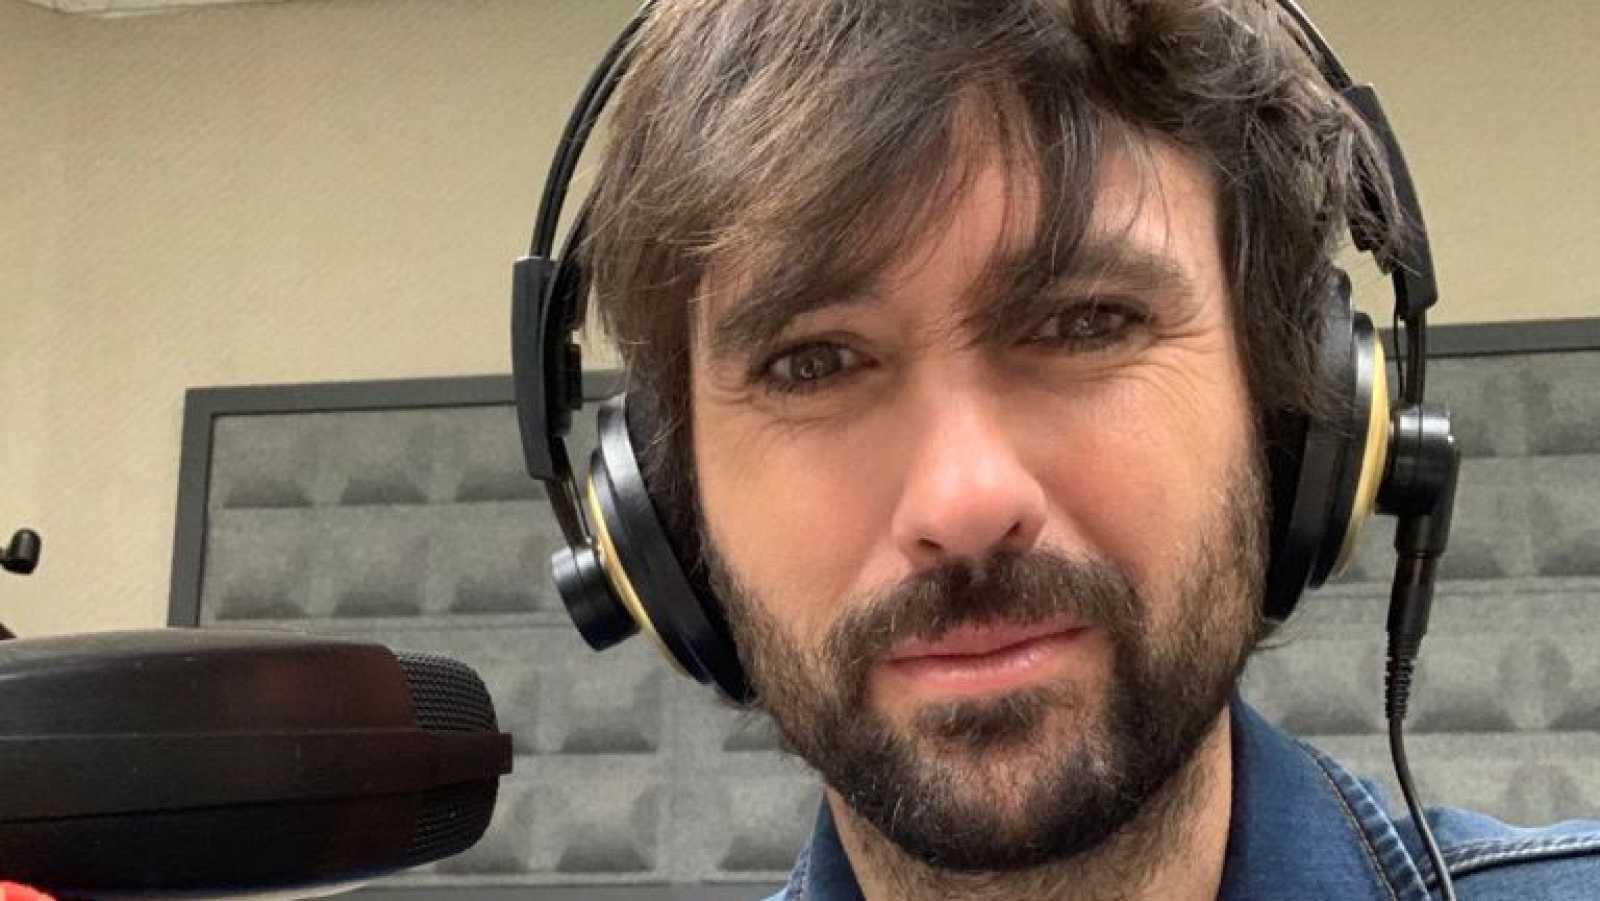 Patio de Voces - David Otero y sus 20 años en la música - 10/04/21 - Escuchar ahora